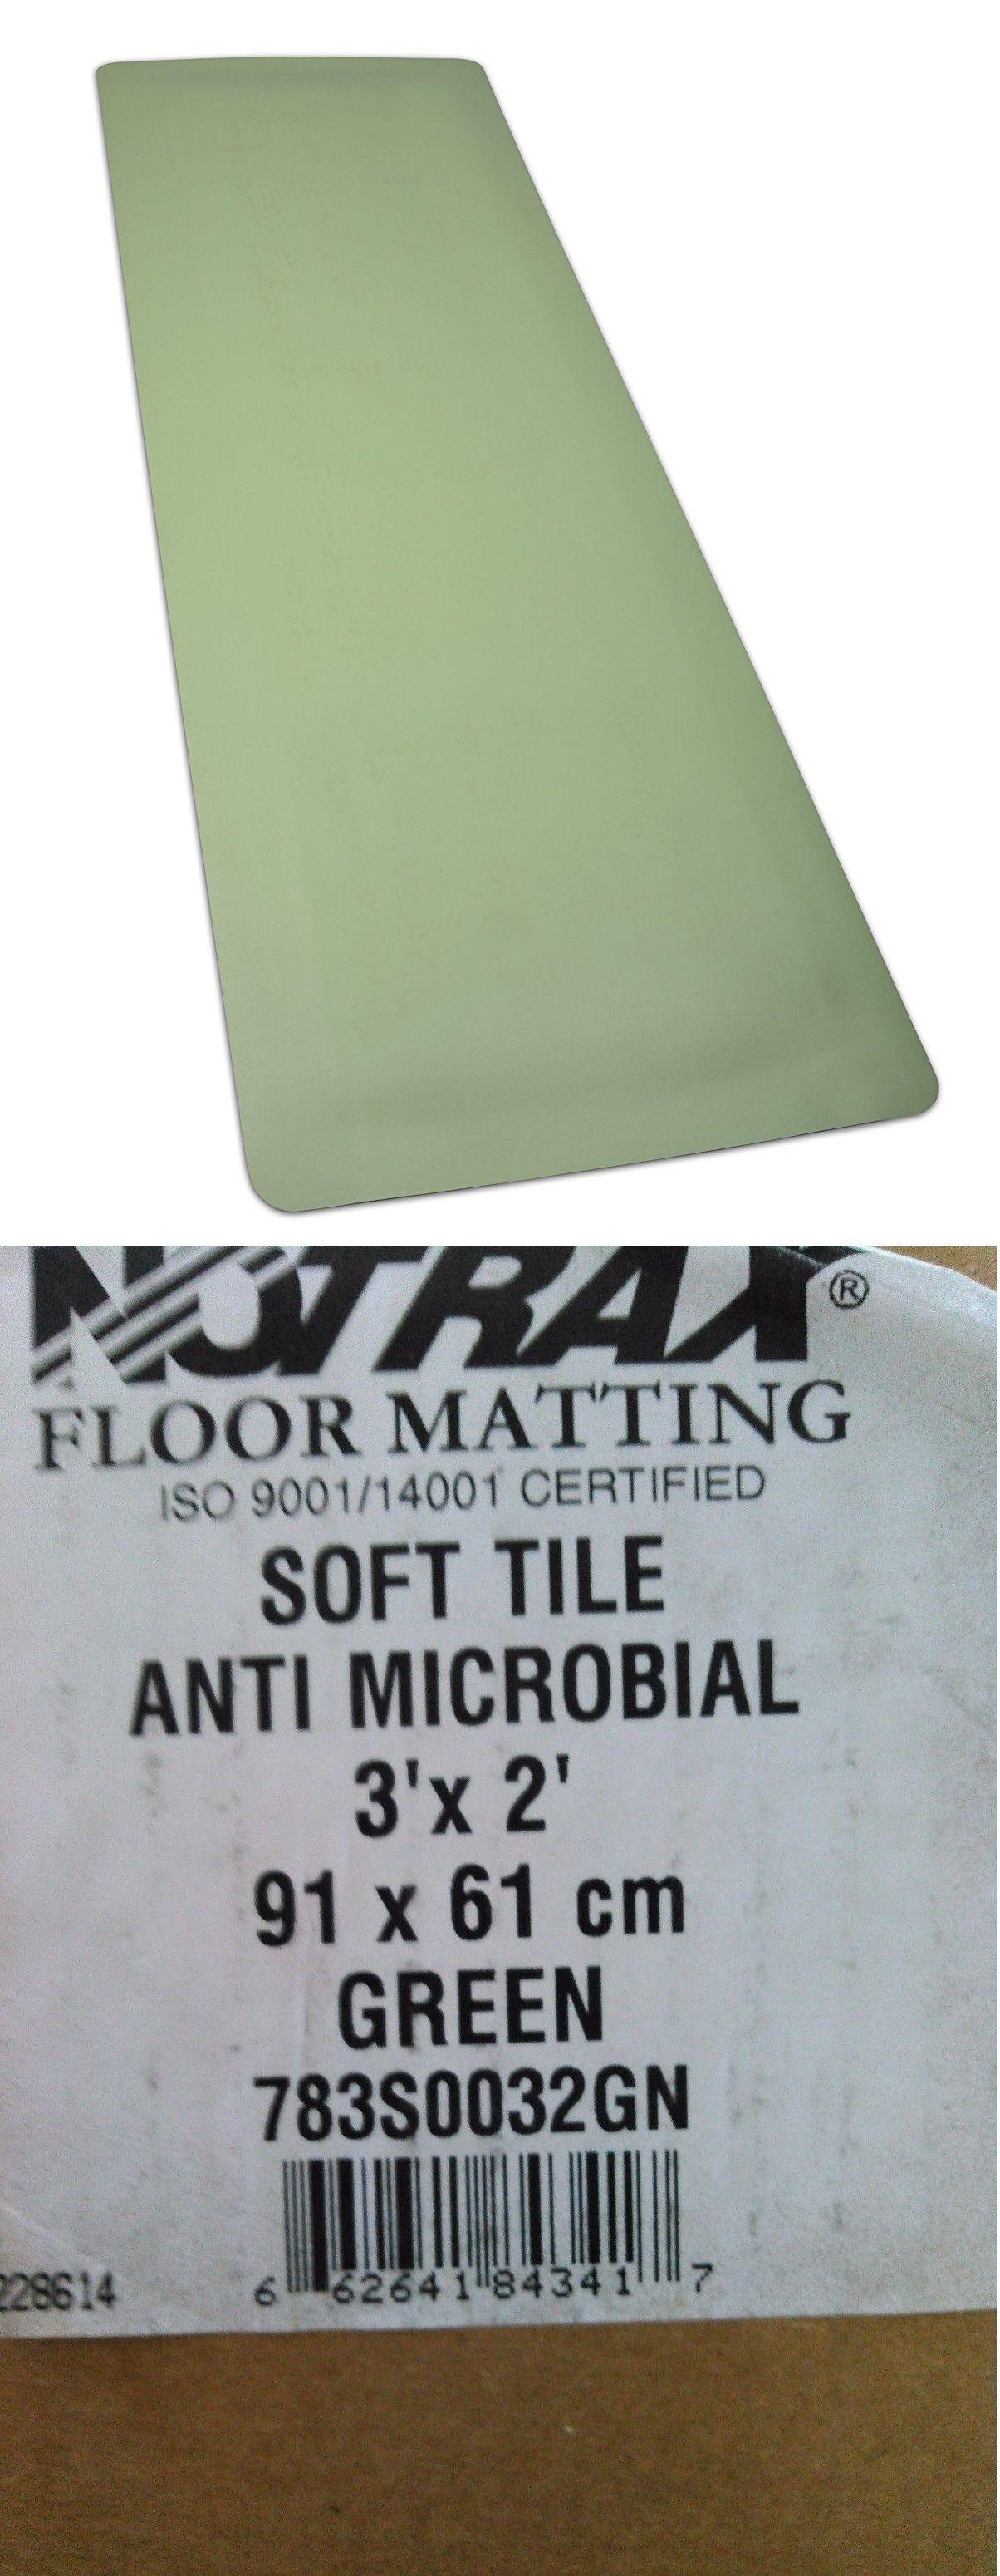 Door Mats and Floor Mats 20573 Notrax 783S0032gn SofTyle